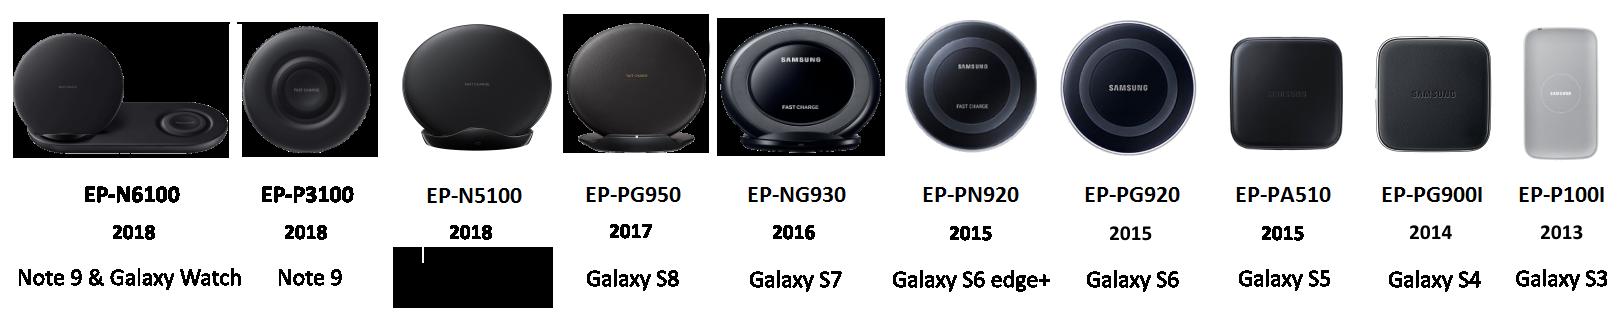 Alle Samsung Induktionsladegeräte bis 2018 im Überblick